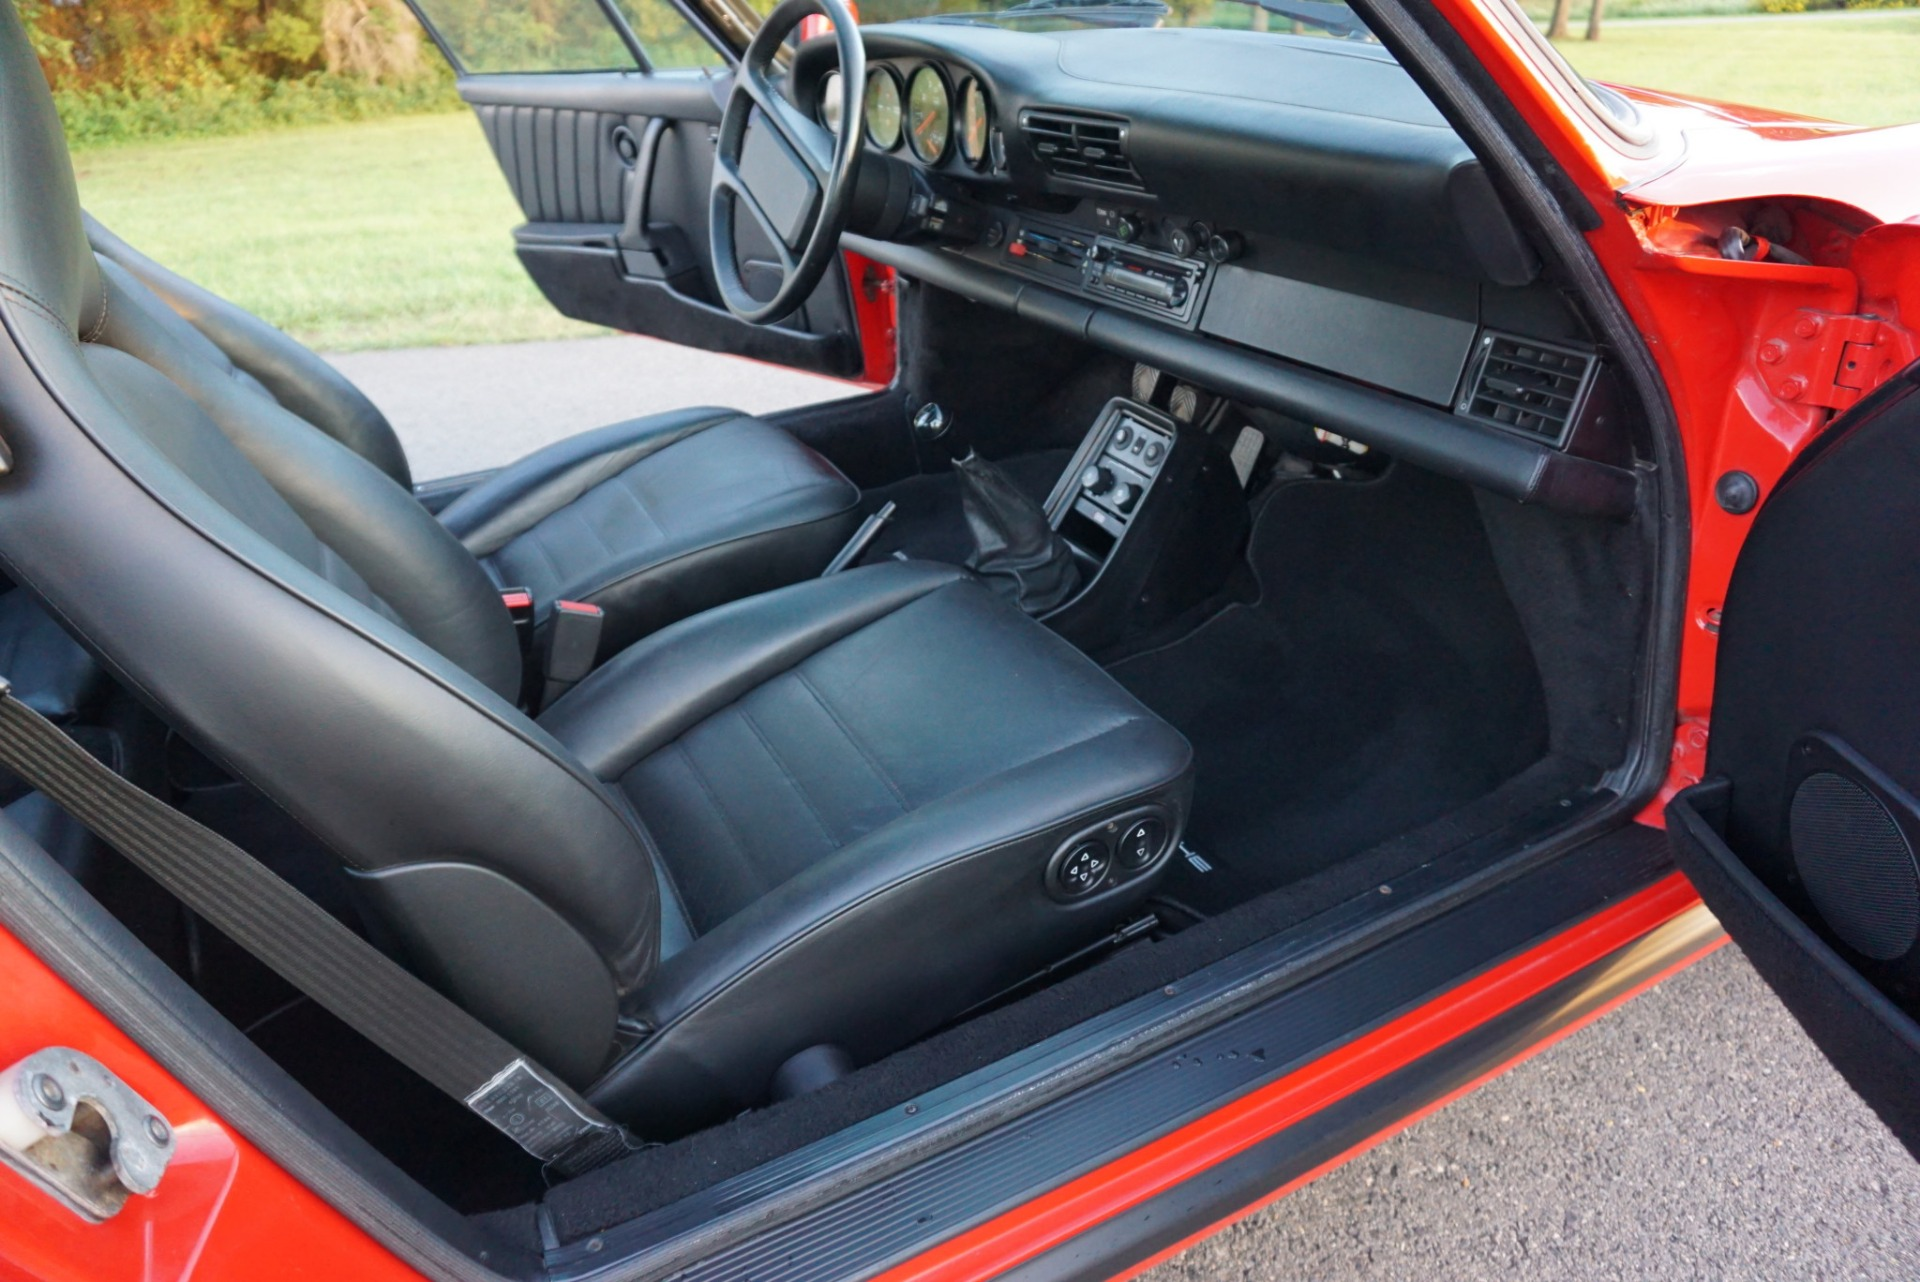 Used 1986 Porsche 911 Carrera Turbo For Sale ($92,999) | Vertex Auto